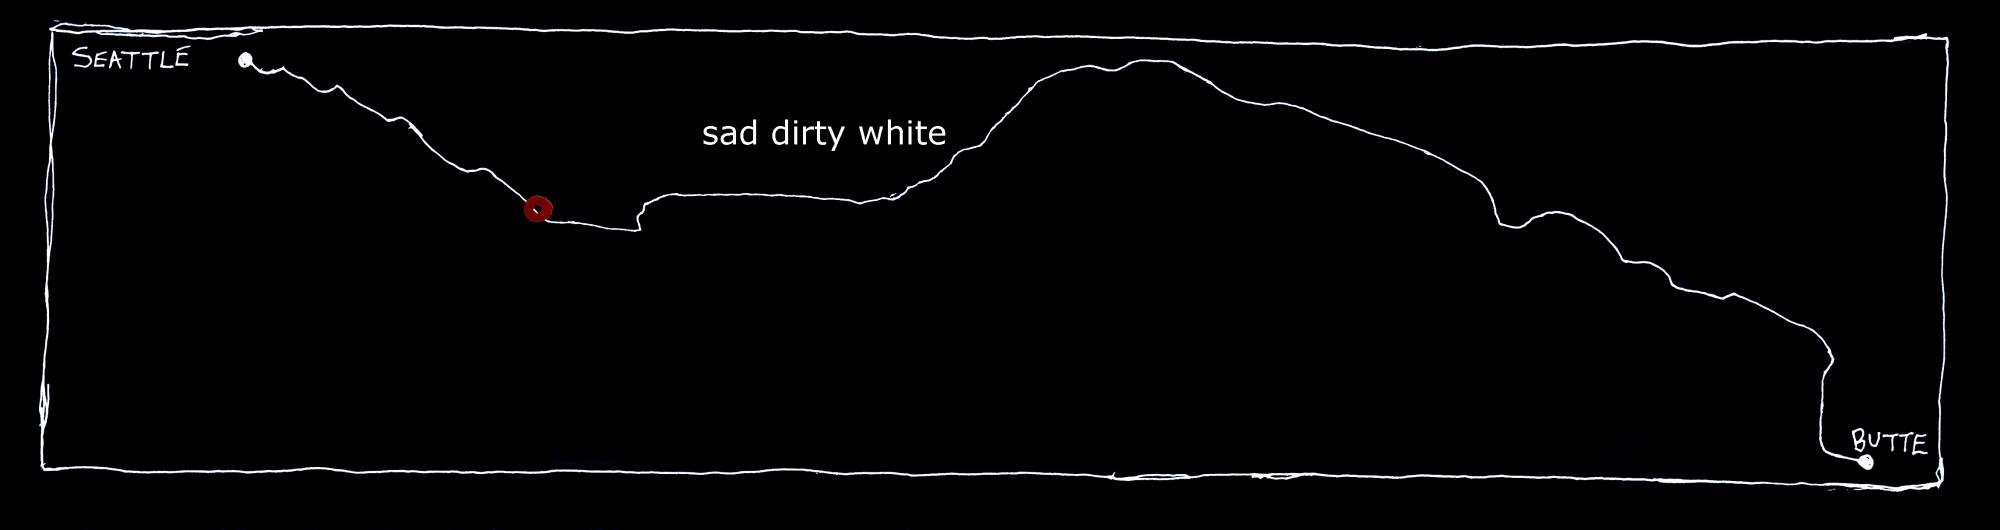 63 map black